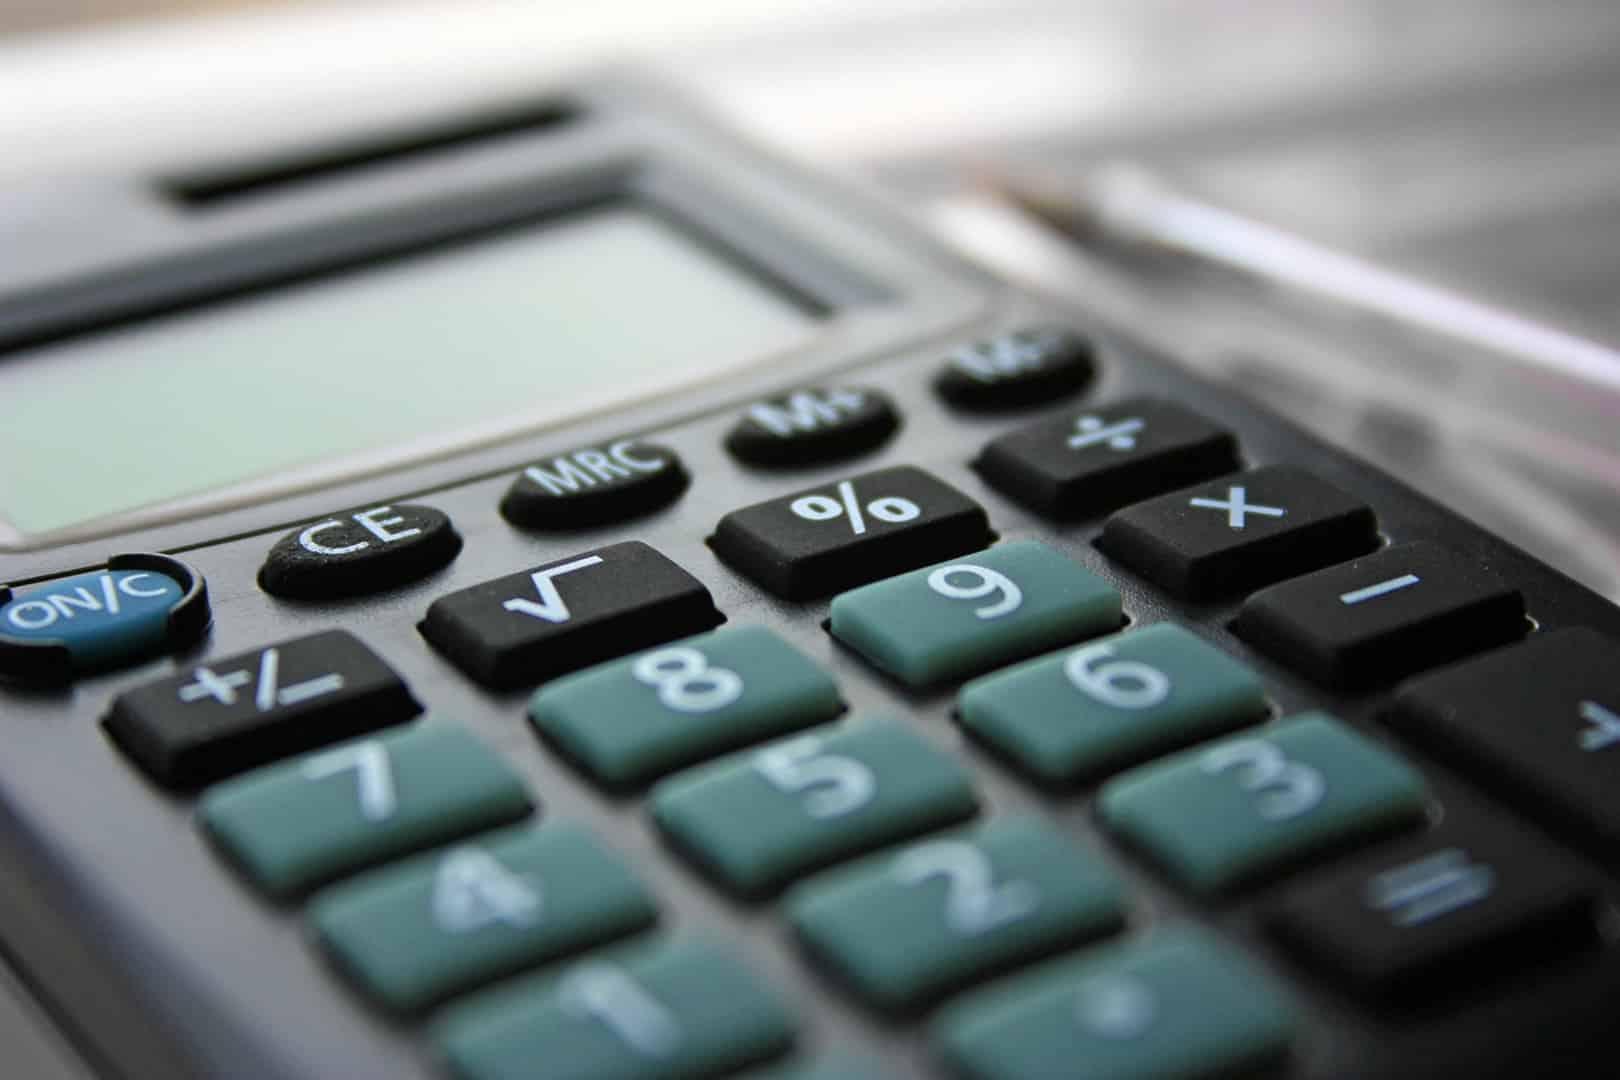 Kalkulator mikropigmentacji - oblicz cenę za zabieg mikropigmentacji skóry głowy oraz zarostu